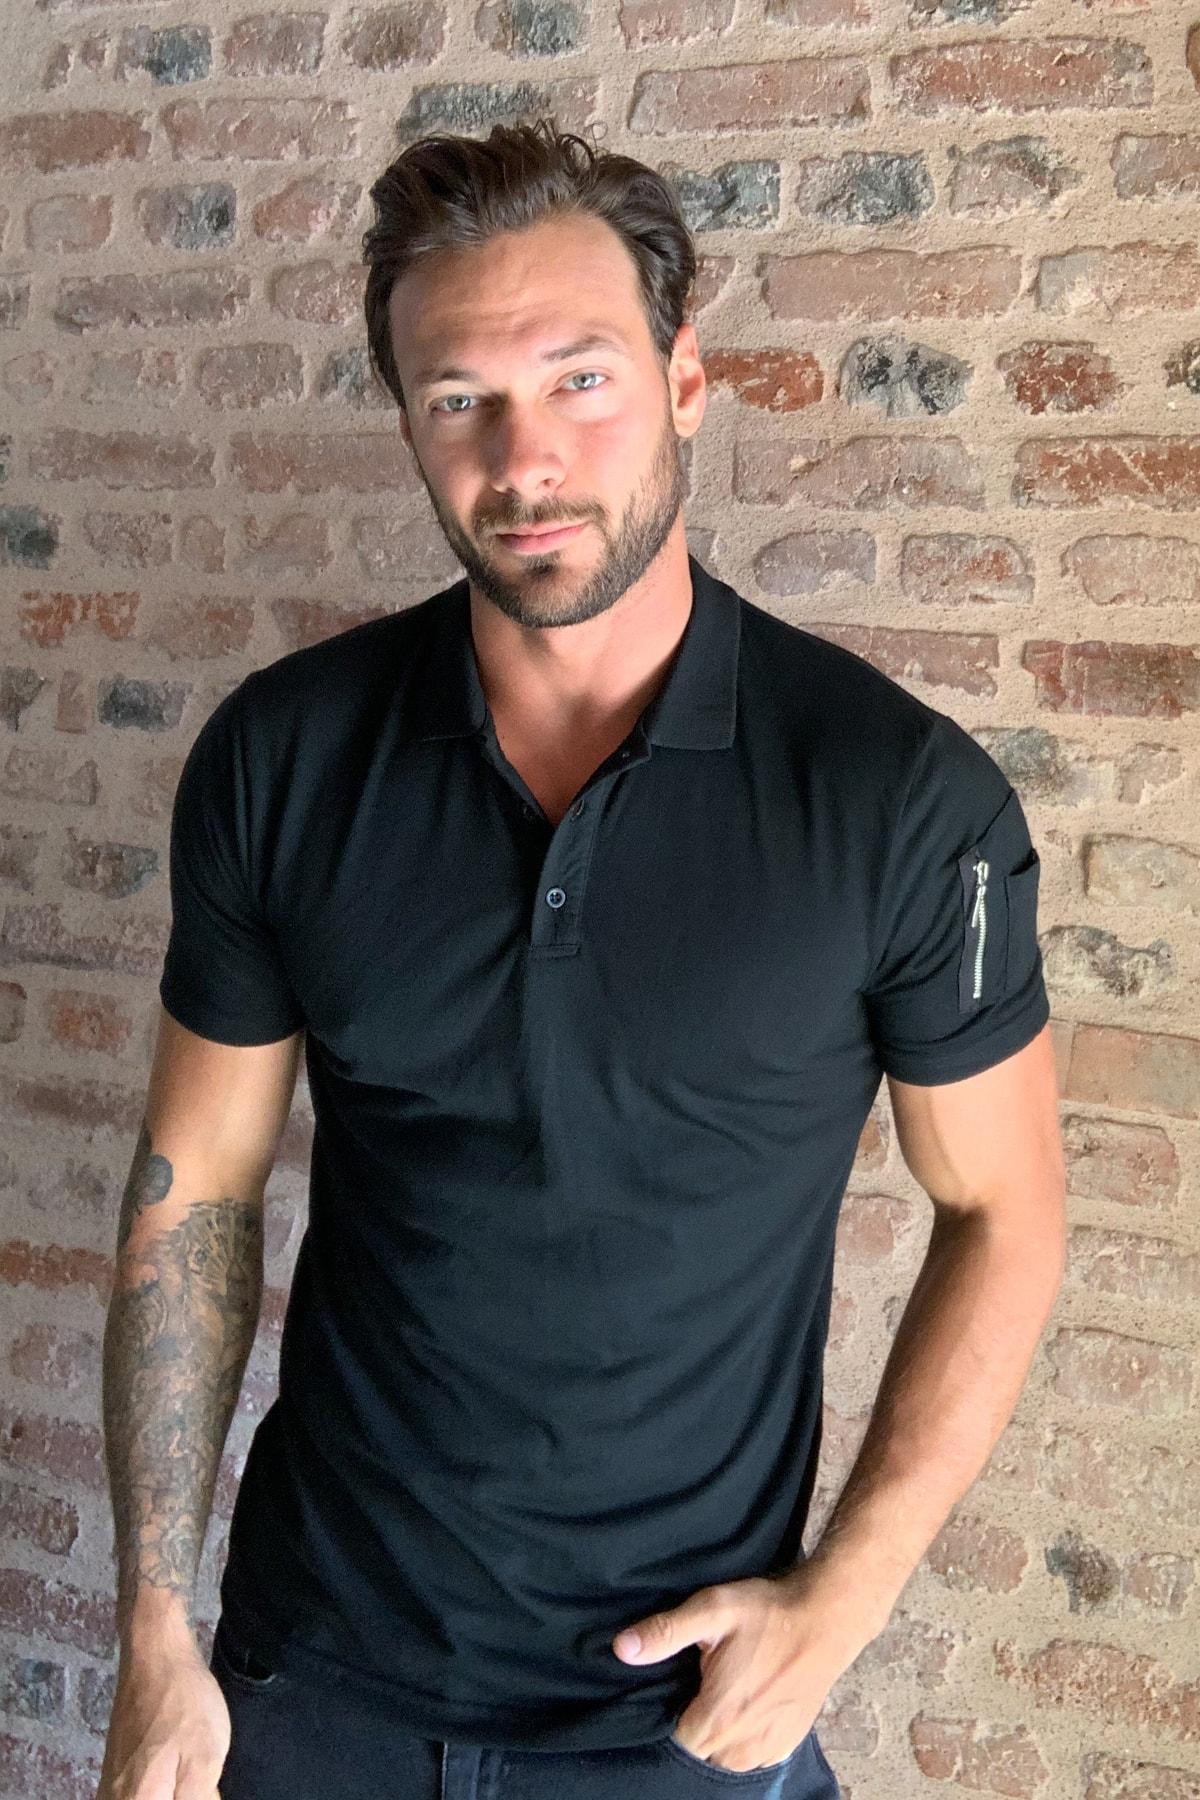 Мужская футболка 2020 модный сексуальный Повседневный стиль Черная мужская футболка поло воротник турецкий продукт|Футболки| | АлиЭкспресс